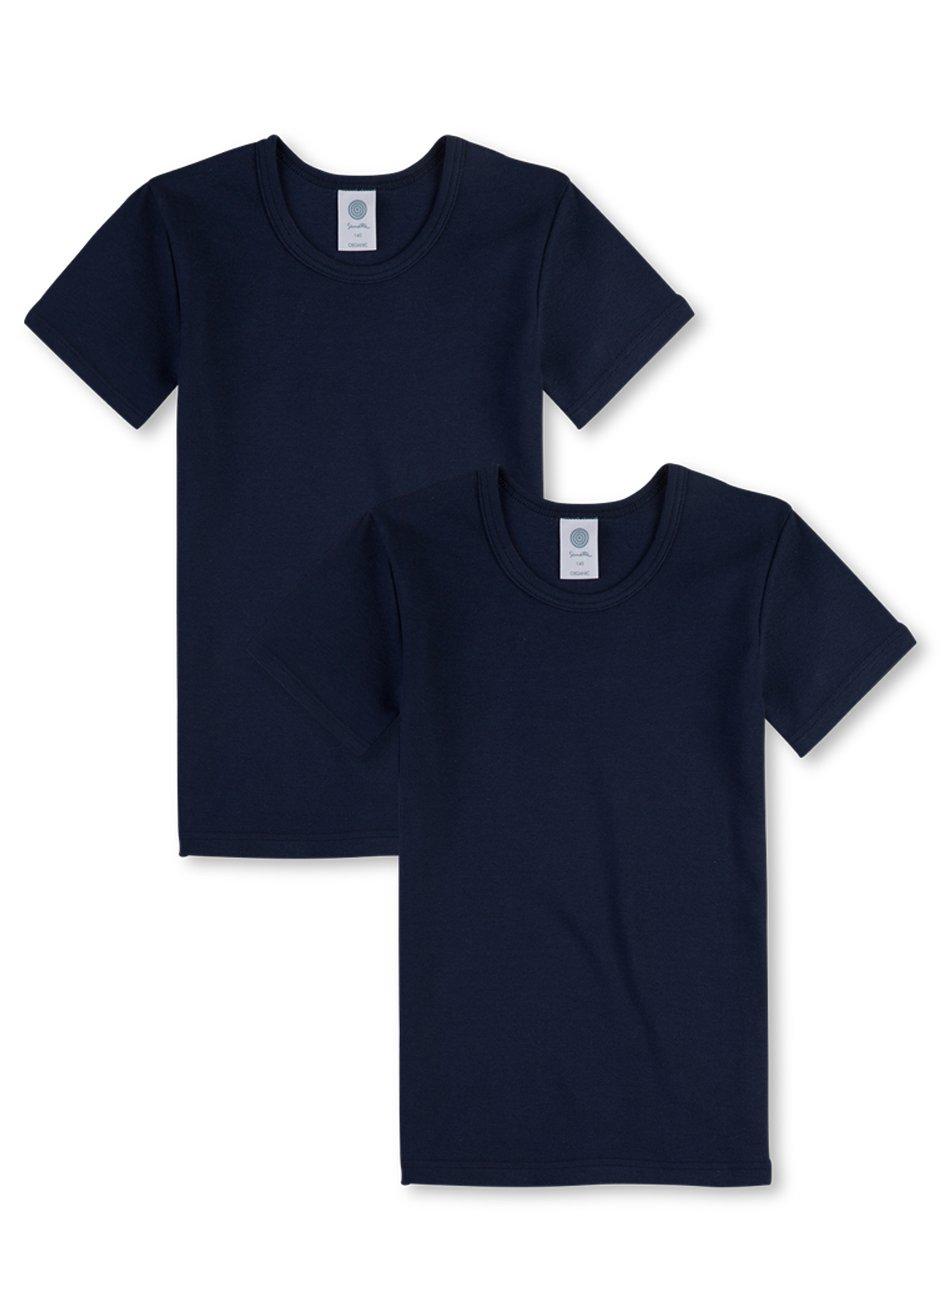 Sanetta Jungen T-Shirt Halbarm im Doppelpack aus Bio-Baumwolle - Made in Europe